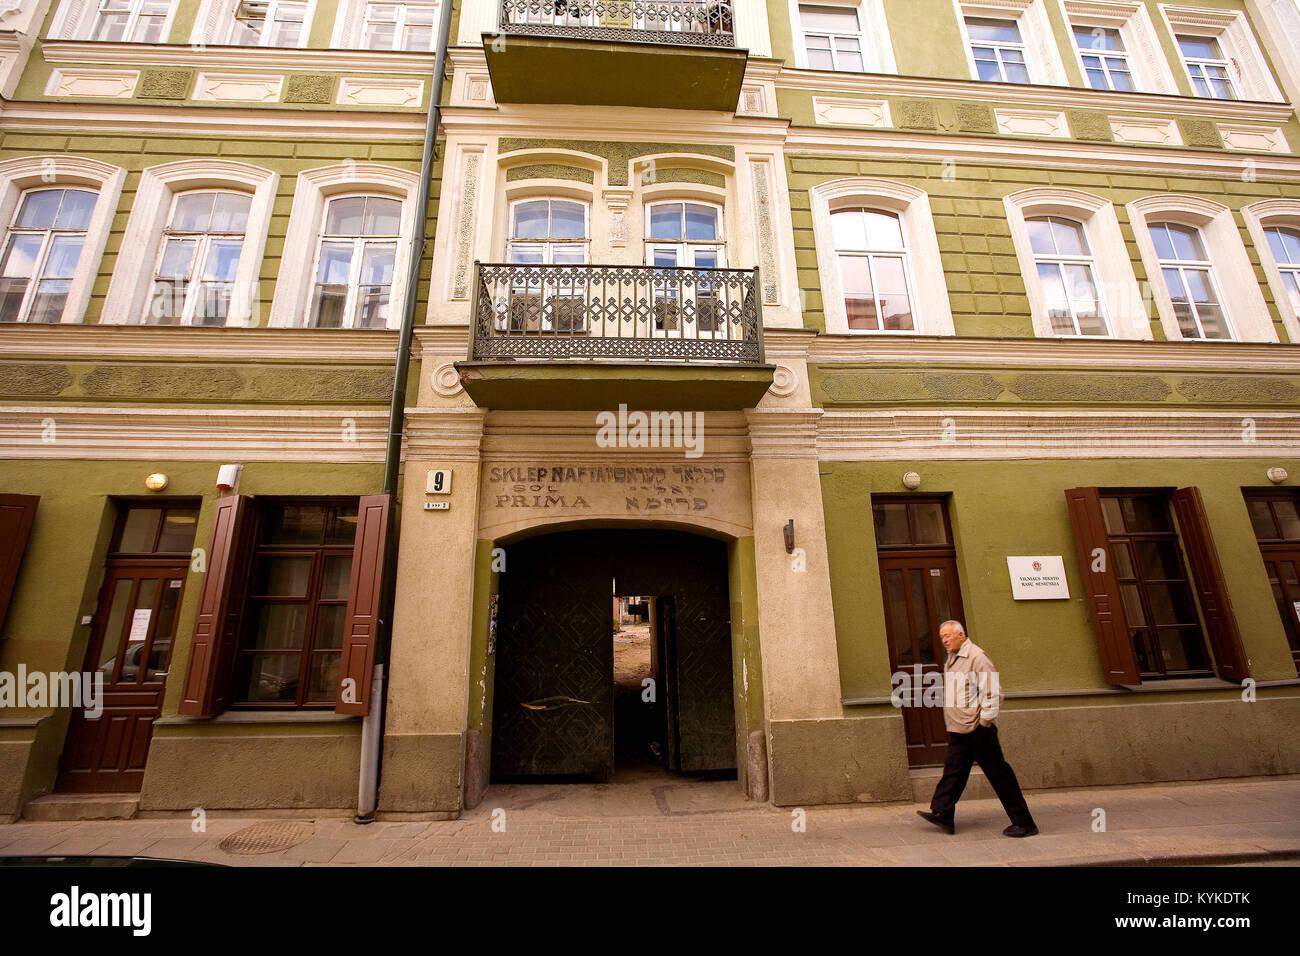 Vilnius surnomme 'la Jerusalem du Nord'.  Ancien magasin, Vilnius, Lituanie *** An old shop in Vilnius also - Stock Image